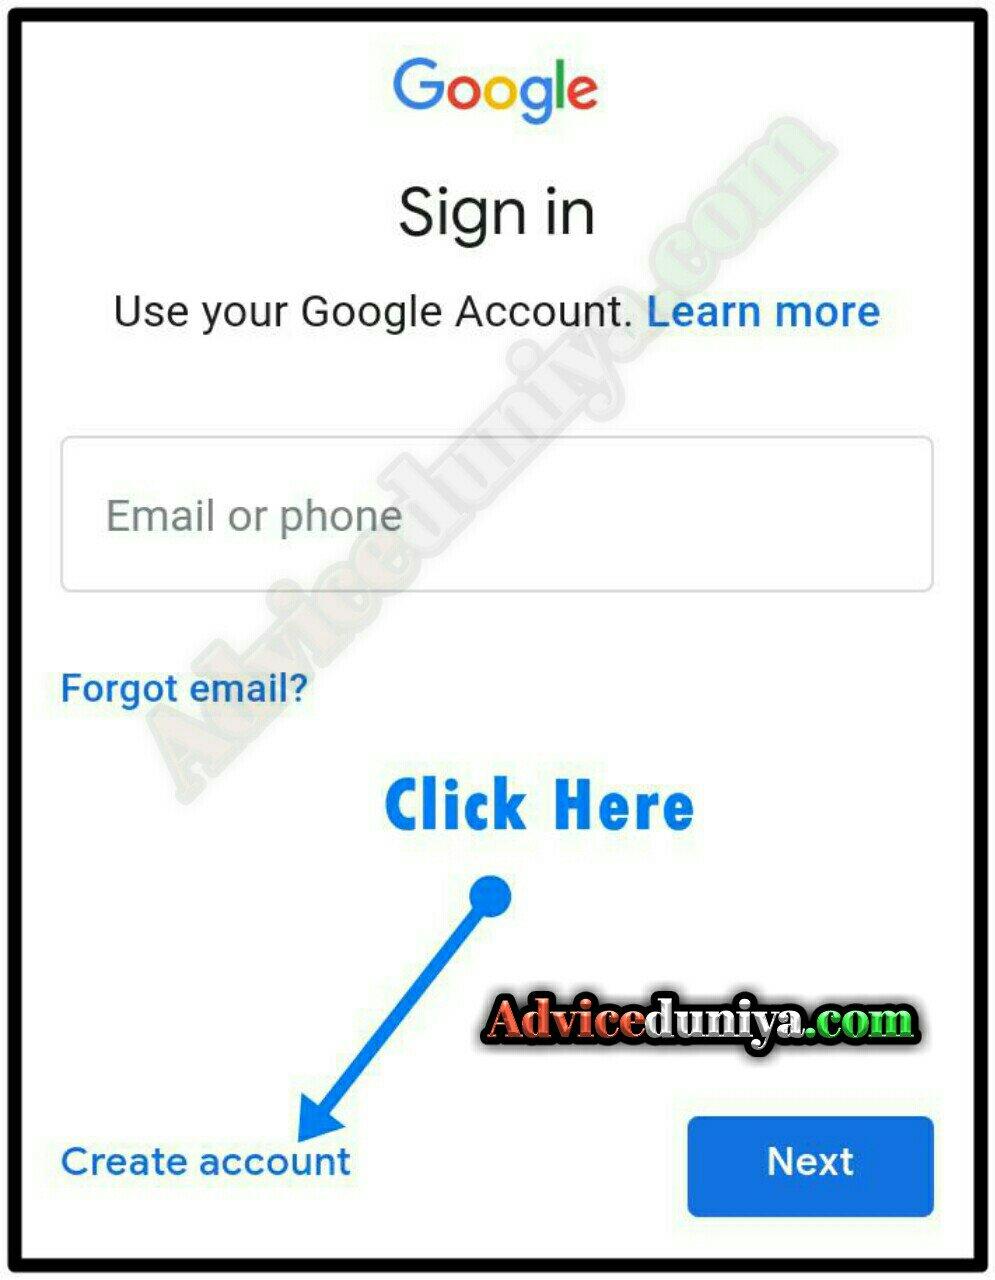 बिना फ़ोन नंबर के gmail id कैसे बनाये? 2020 Best में